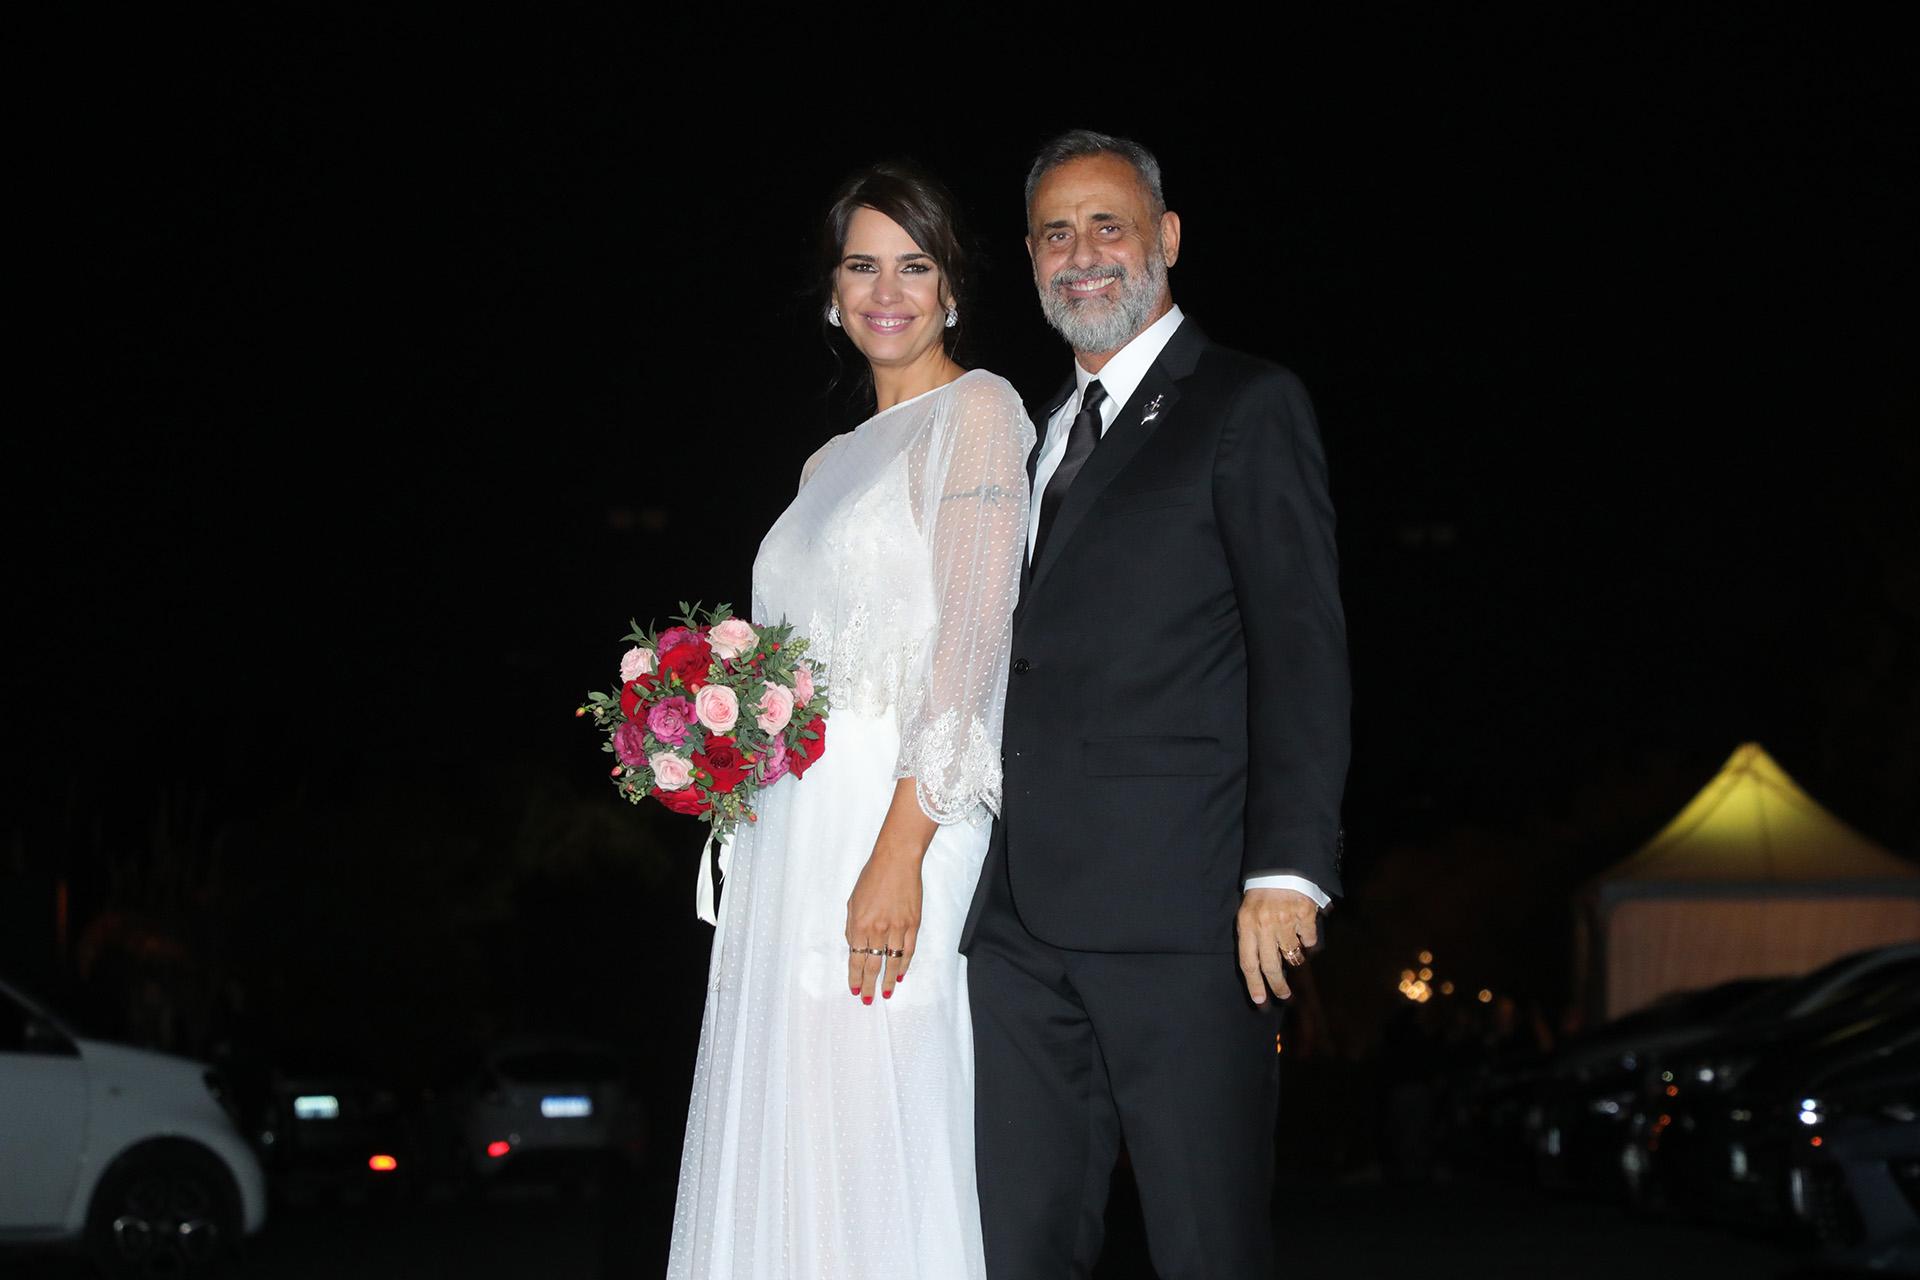 Blanco radiante, el diseño de novia de Romina Pereiro y el esmoquin negro de Jorge Rial, los flamantes marido y mujer (Christian Bochichio)